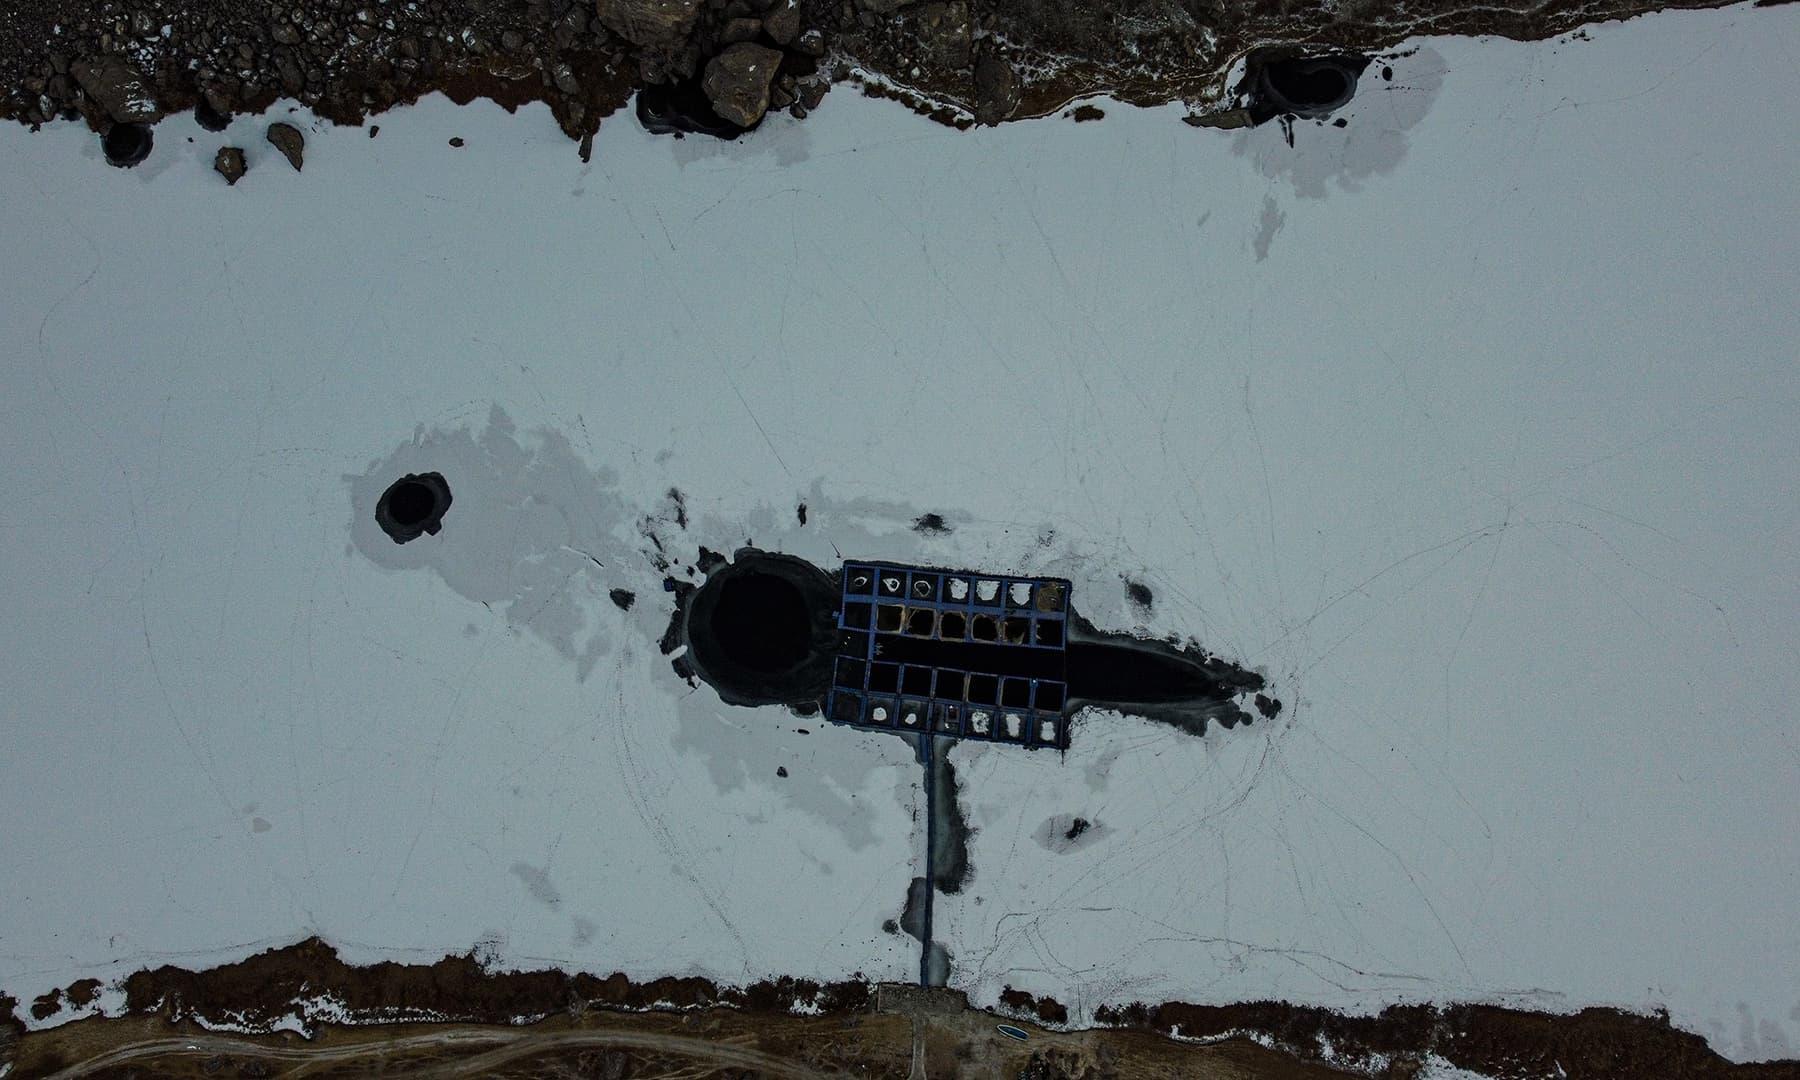 برف باری کے بعد ٹراؤٹ فارم کا ایک منظر